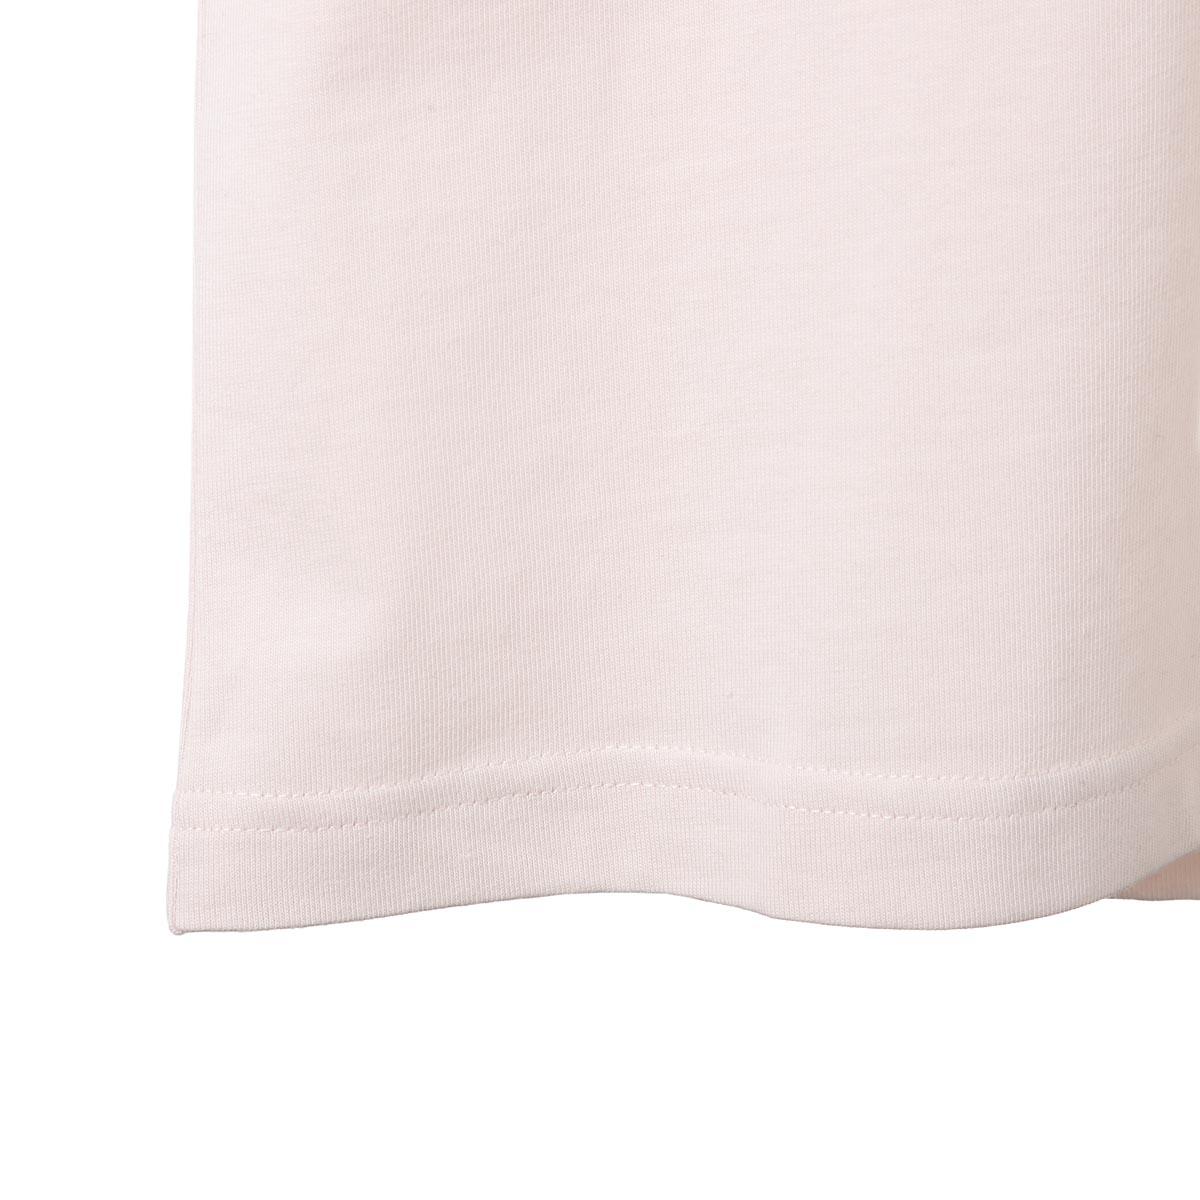 【アウトレット】【ラスト1点】BALENCIAGA バレンシアガ クルーネック Tシャツ/SPONSOR MEDIUM FIT T-SHIRT メンズ